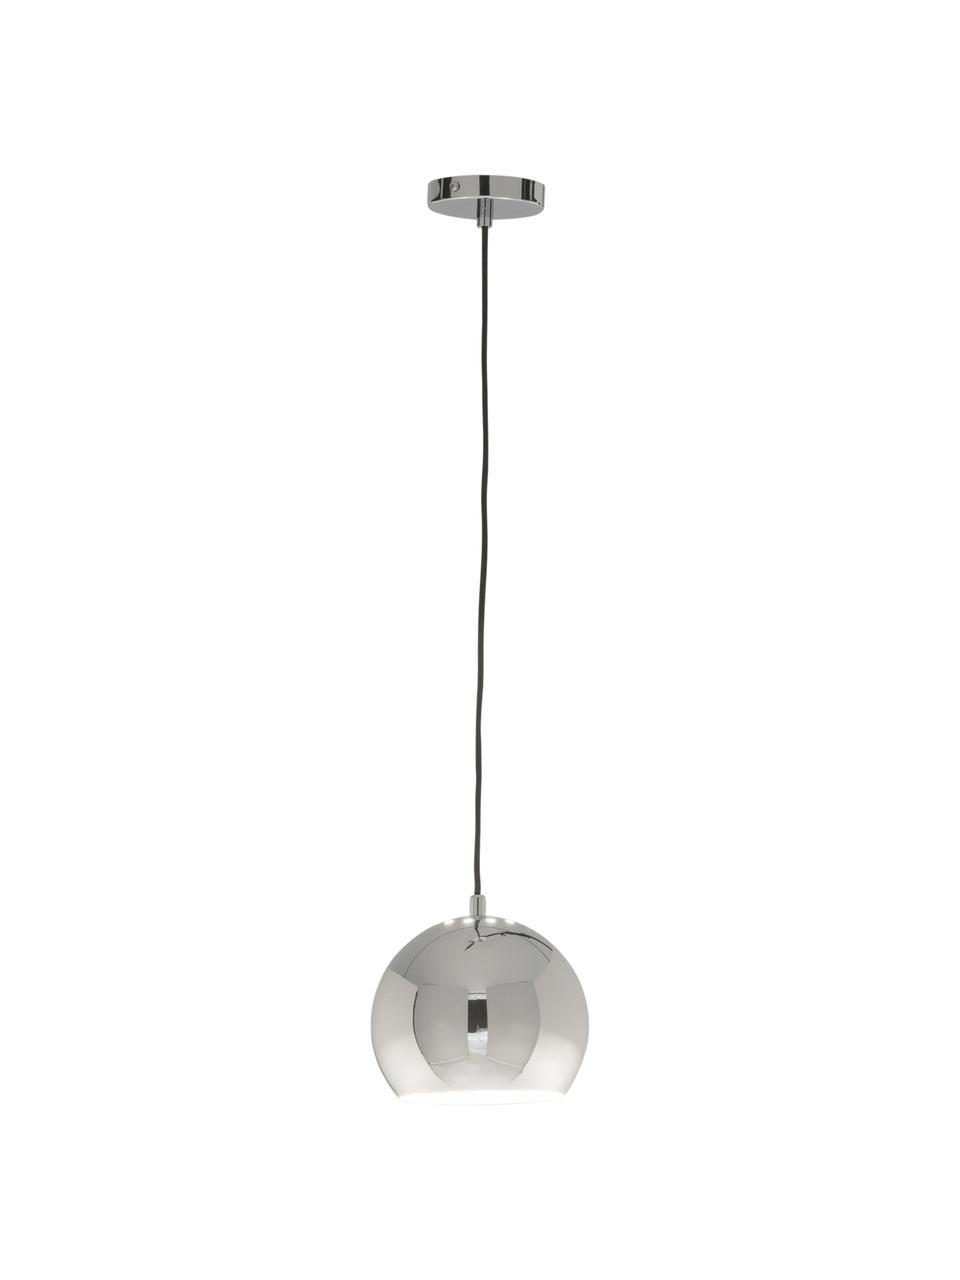 Mała lampa wisząca Ball, Metal chromowany, Metalowy, chrom, Ø 18 cm x W 16 cm